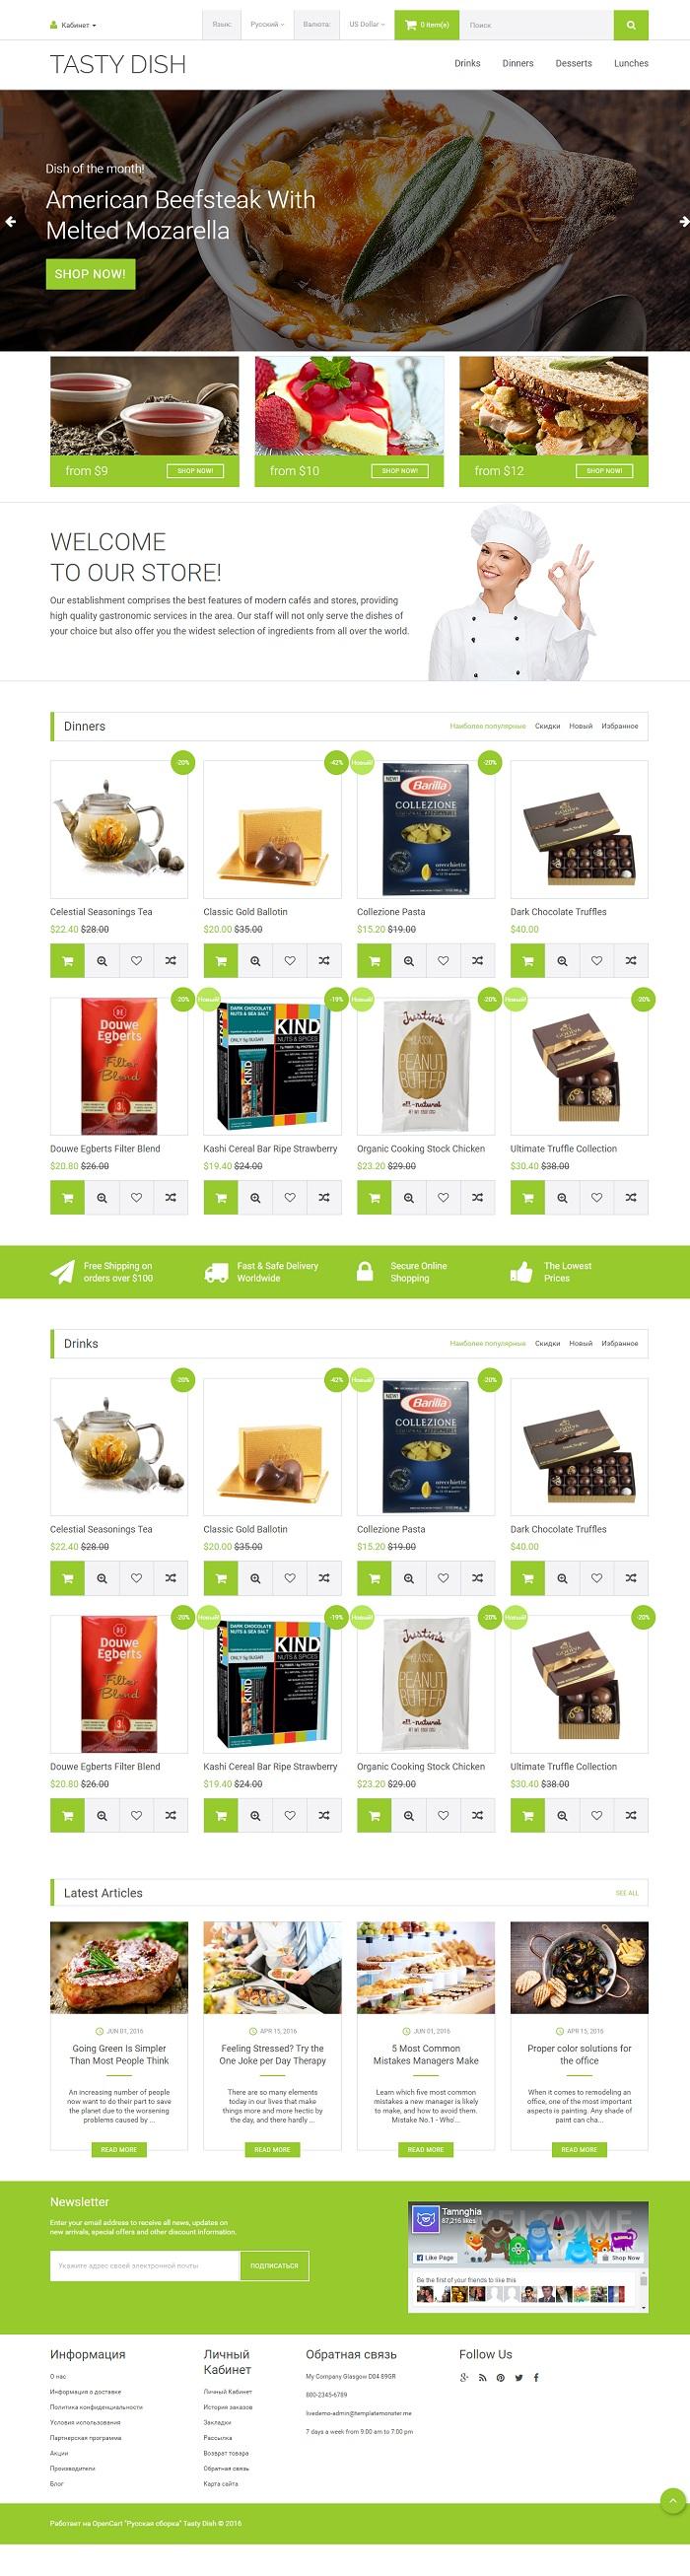 Website Nhà hàng thức ăn cao cấp